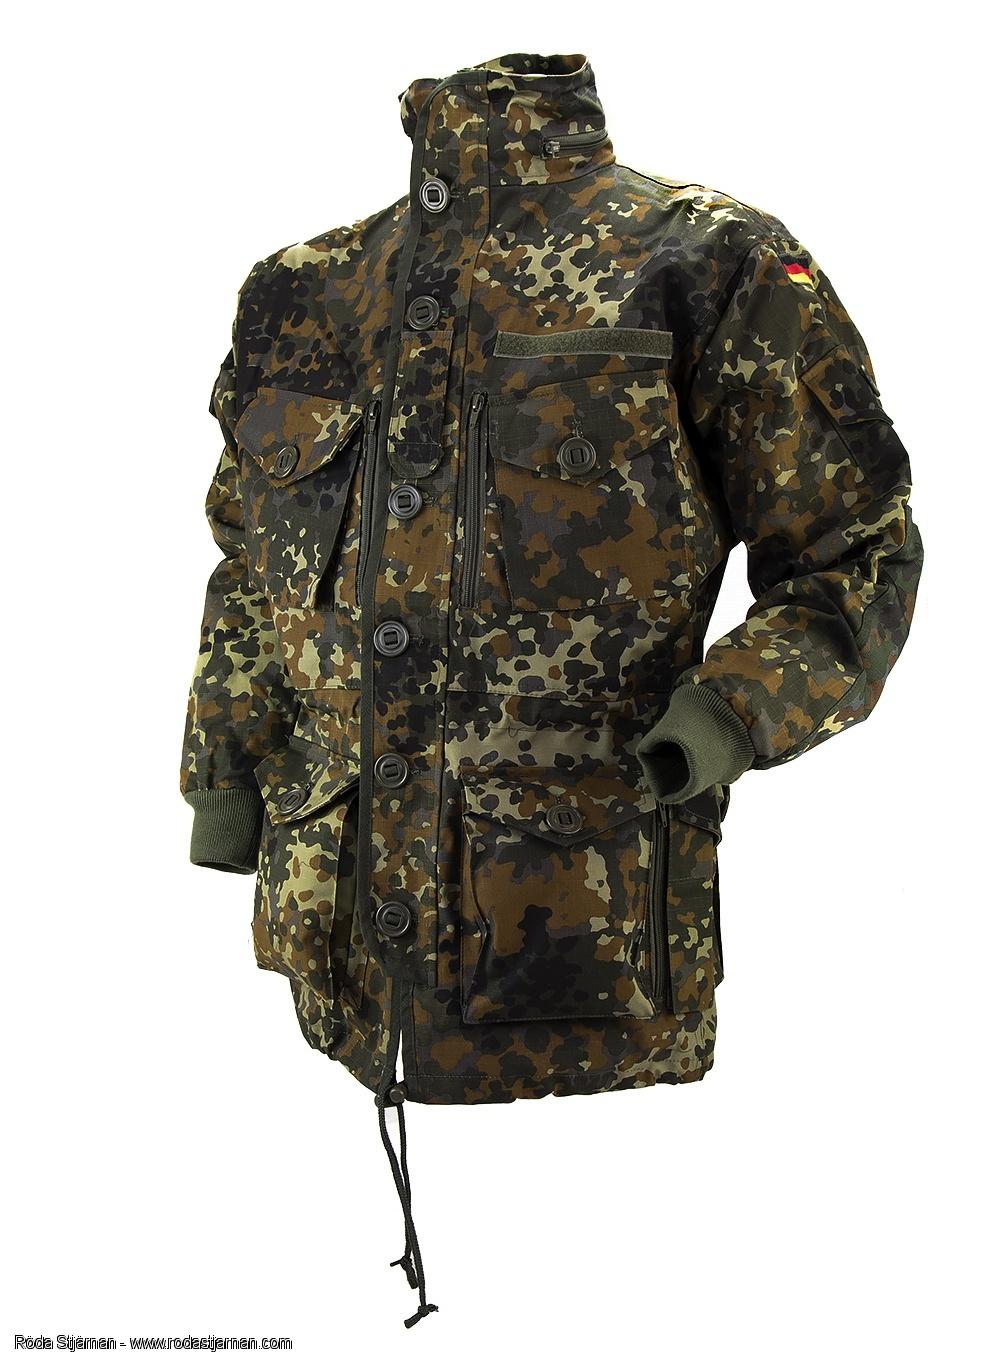 Cómo vestirse para jugar a airsoft en invierno Faltuniformer-mil-tec-ksk-smock-flecktarn-18433-c1